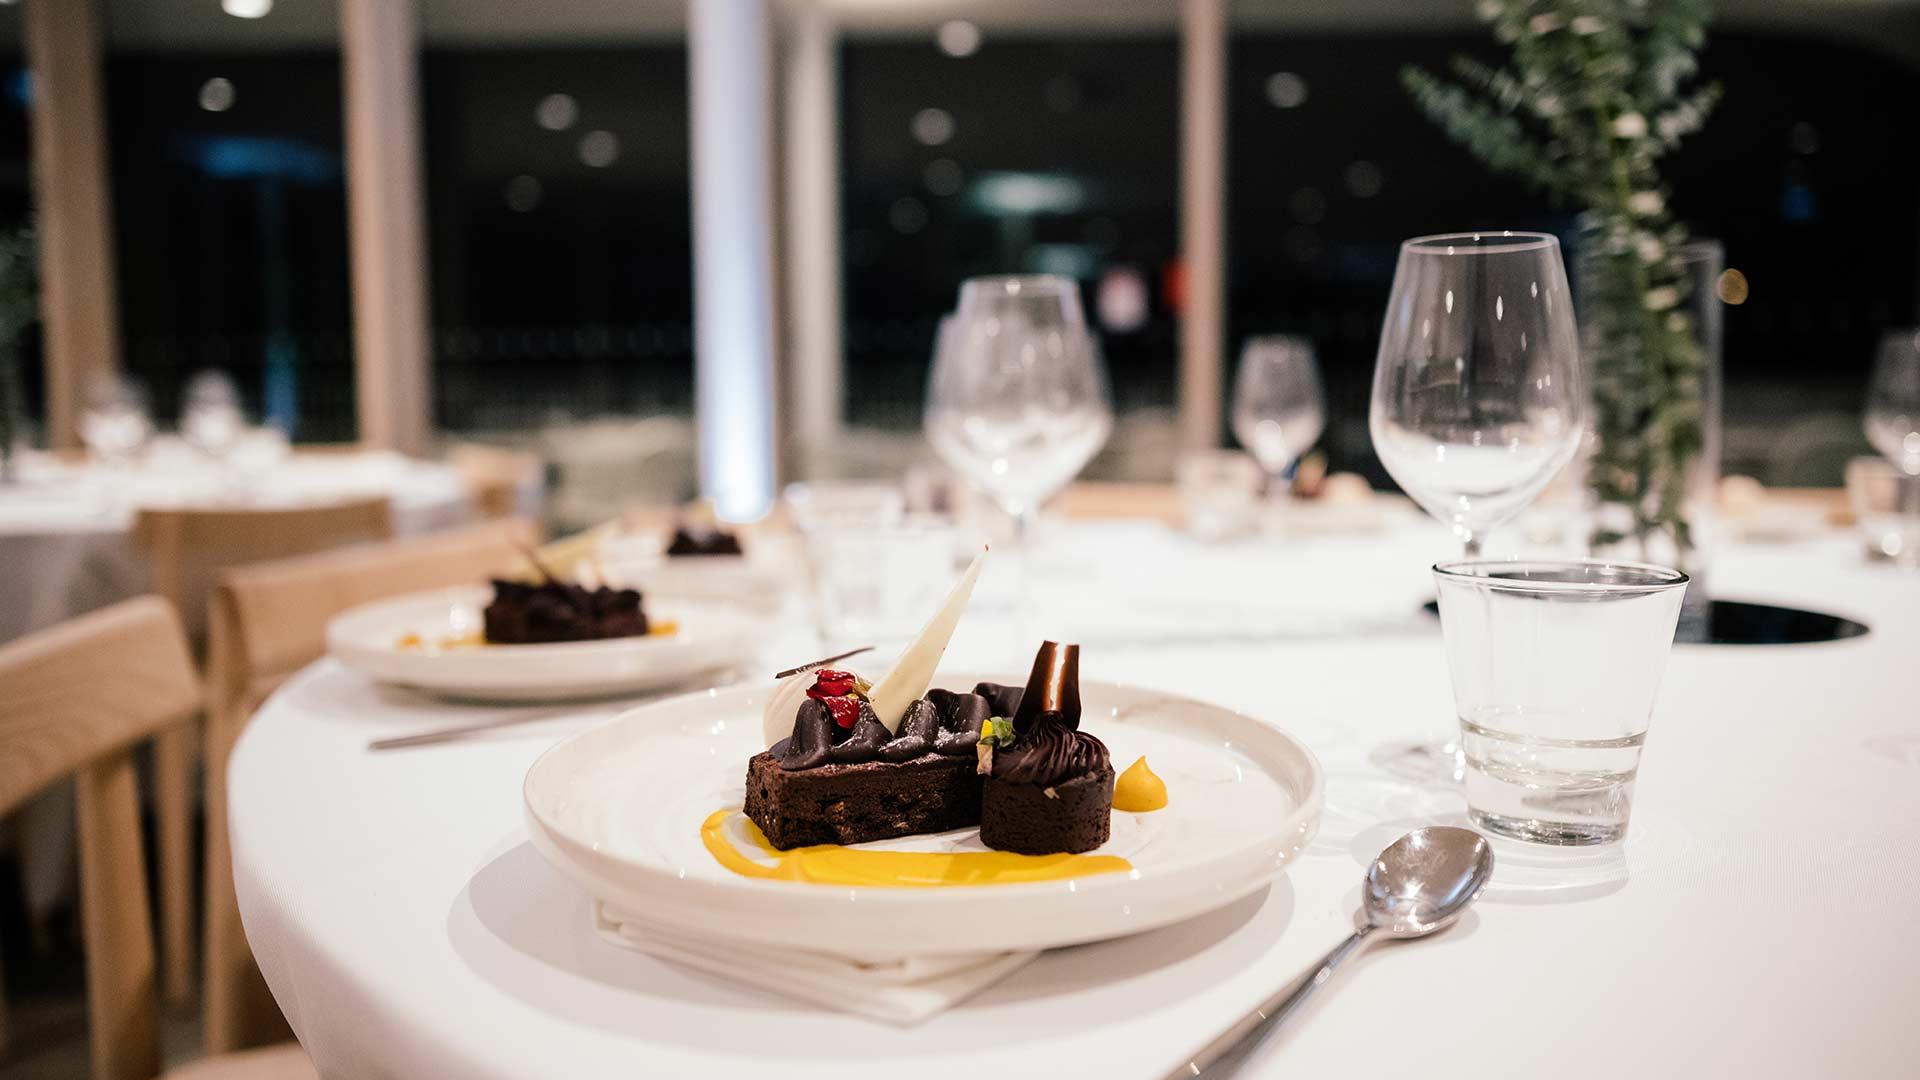 https://rfacdn.nz/zoo/assets/media/te-puna-banquet-dessert-gallery.jpg